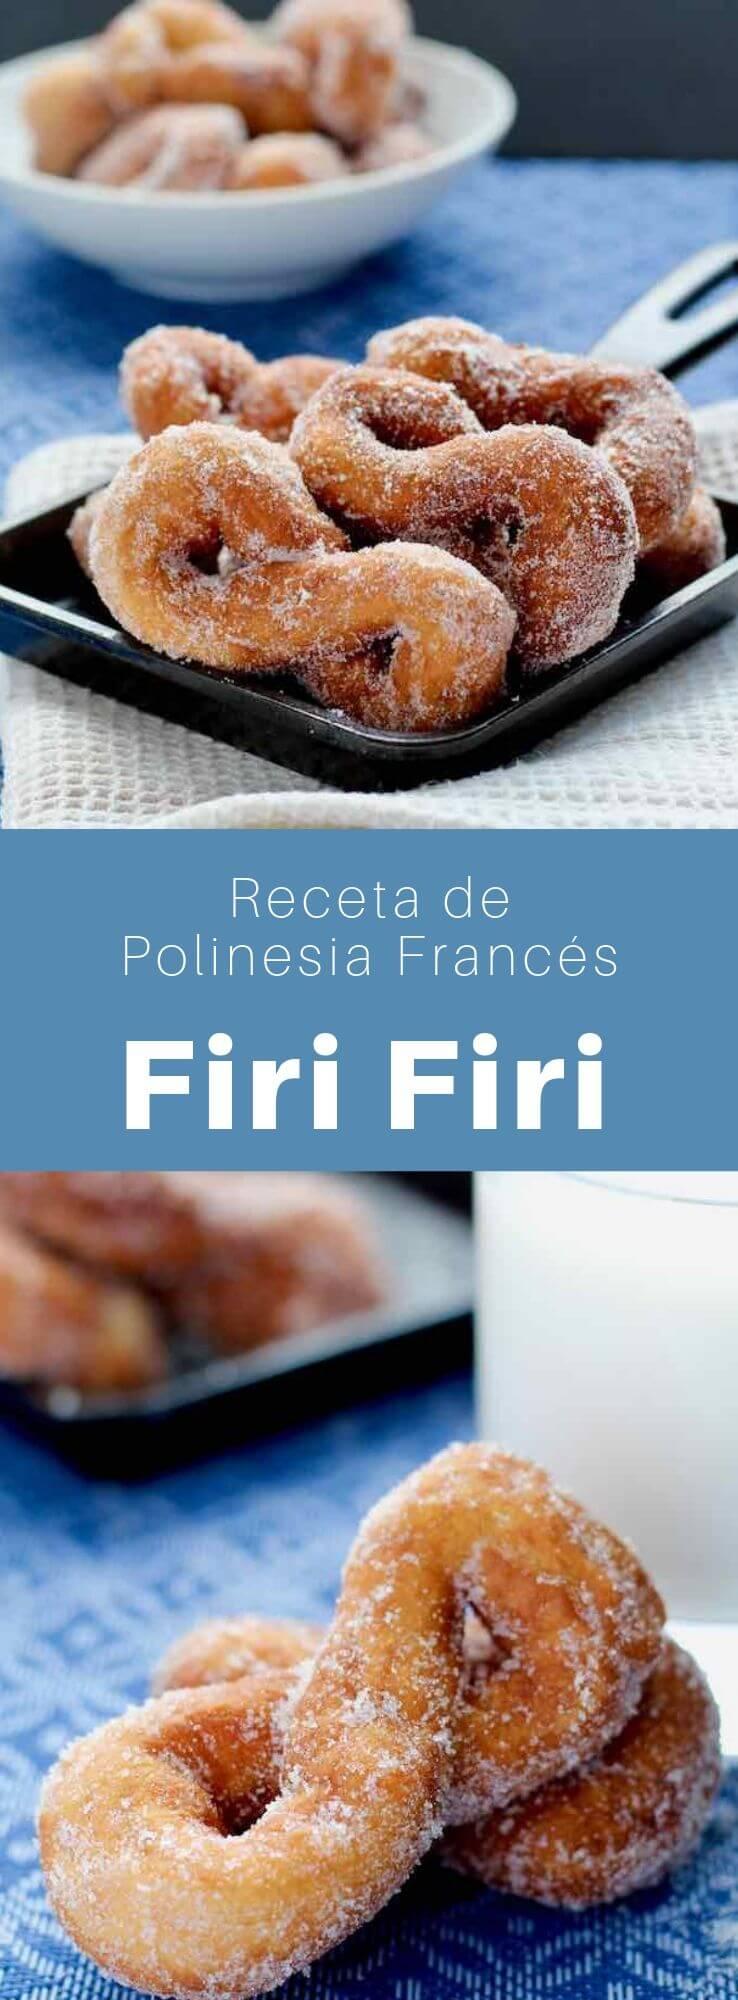 Los firi firi son rosquillas a base de coco. Es una especialidad polinesia tradicional que se sirve para desayunar, especialmente en Tahití.